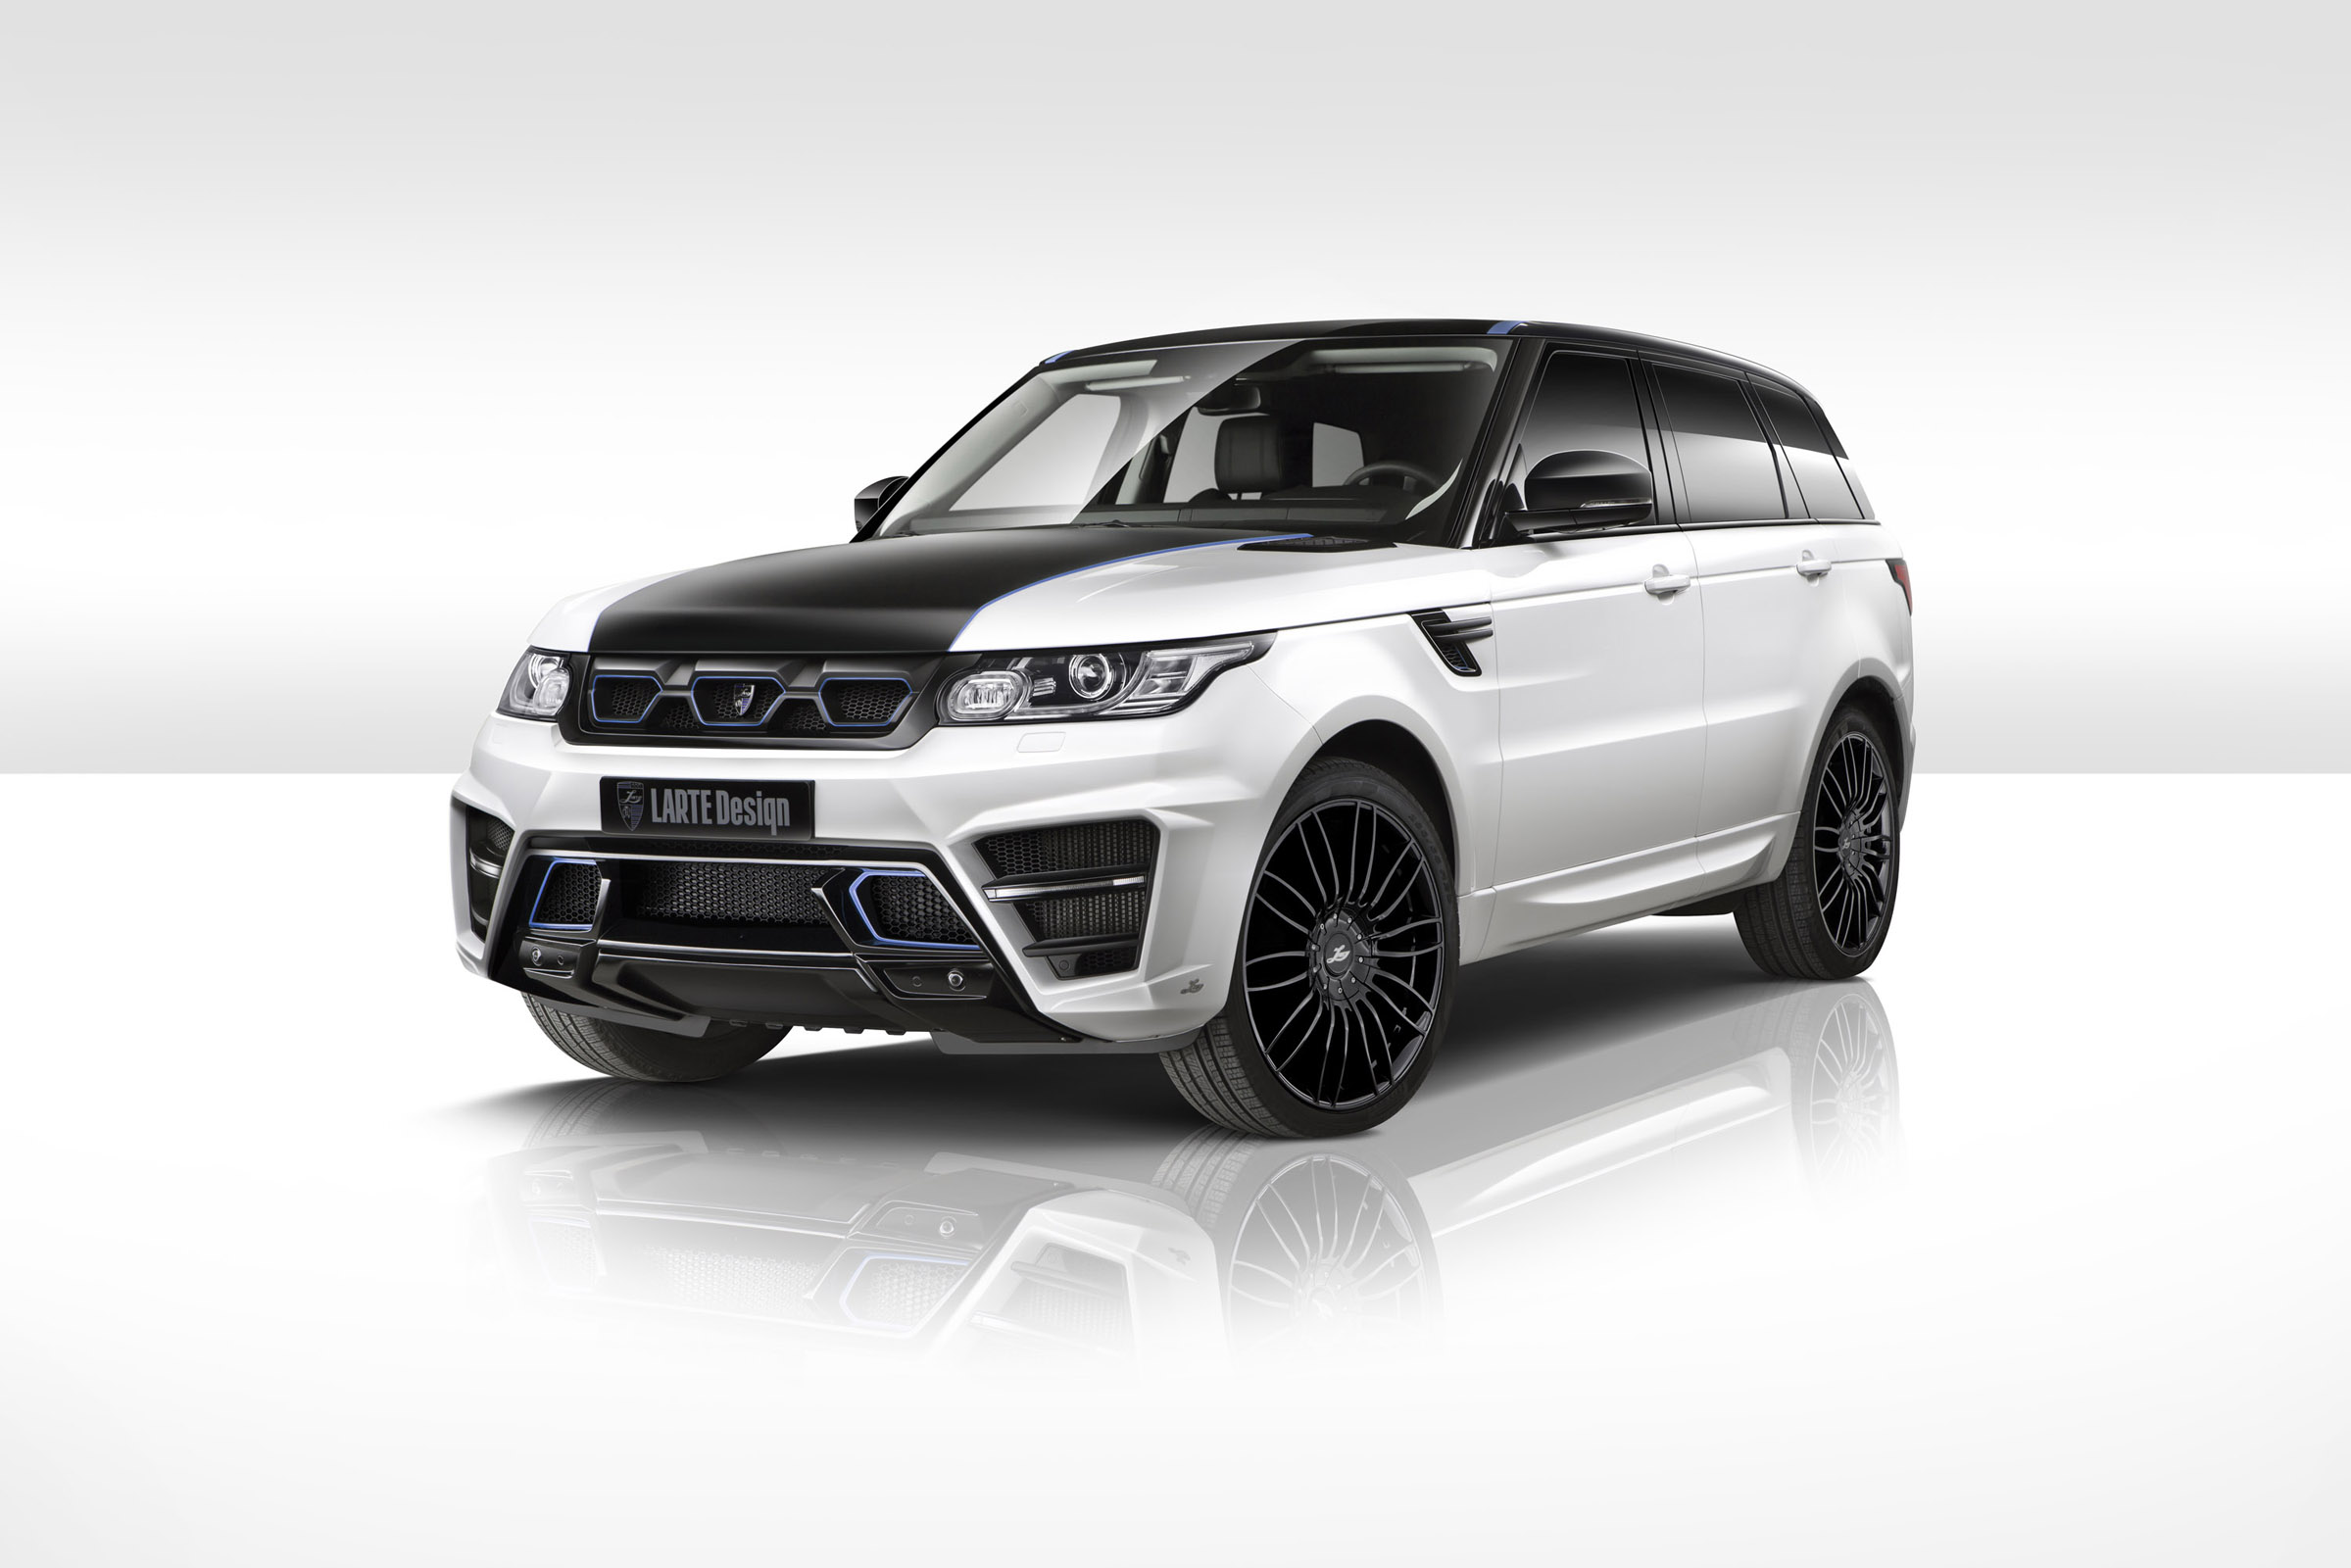 2015 LARTE Range Rover Sport Winner White